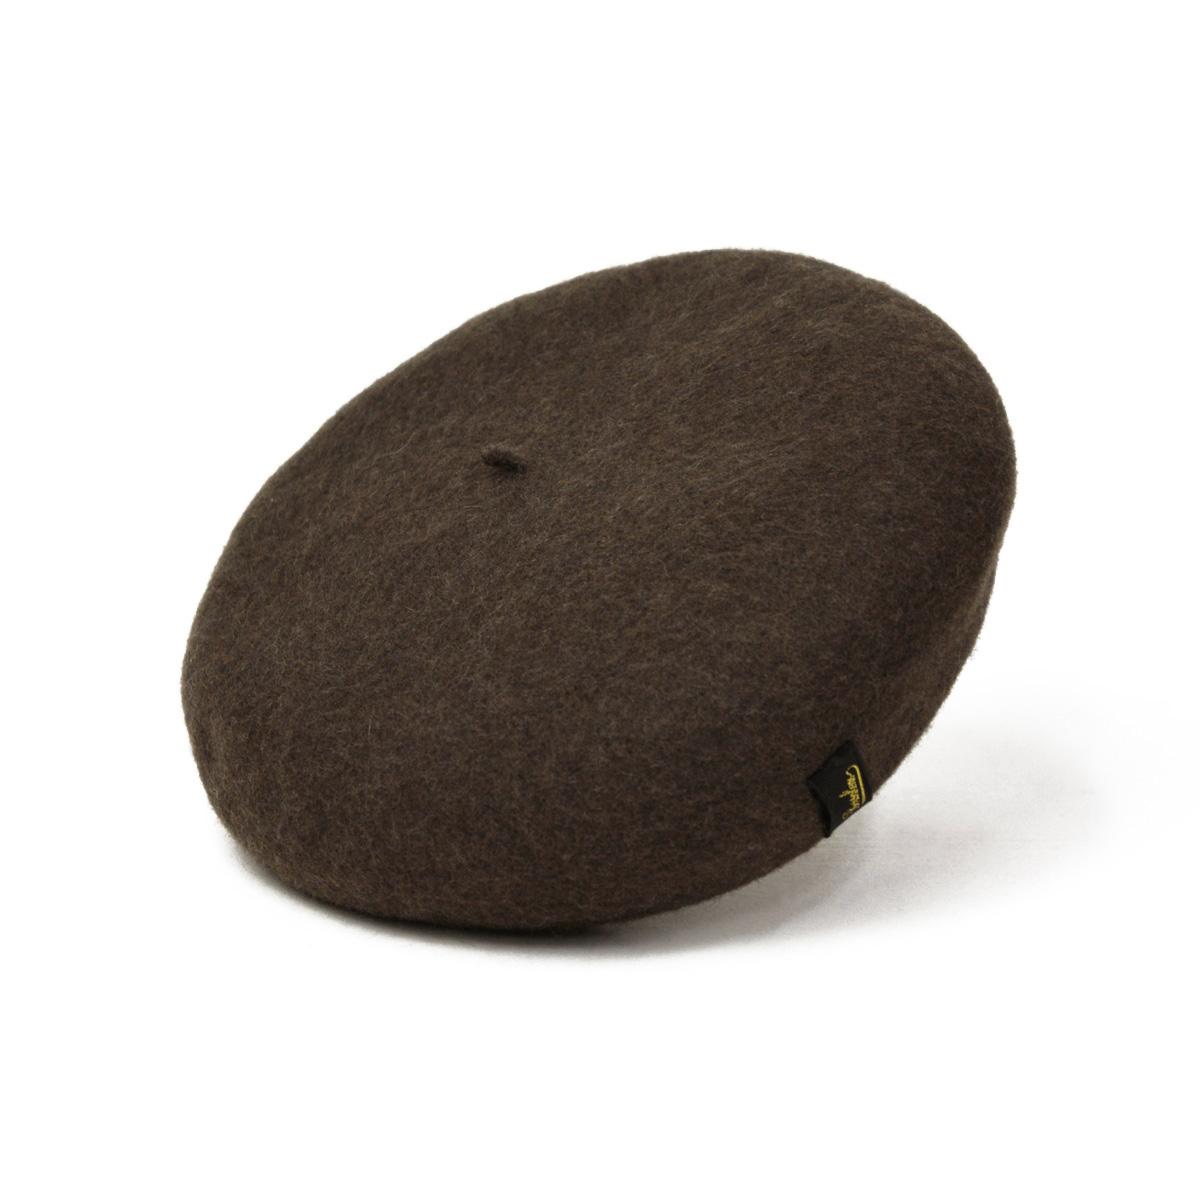 Borsalino 【ボルサリーノ】ベレー帽 B80005 0003113 ウール フェルト ブラウン